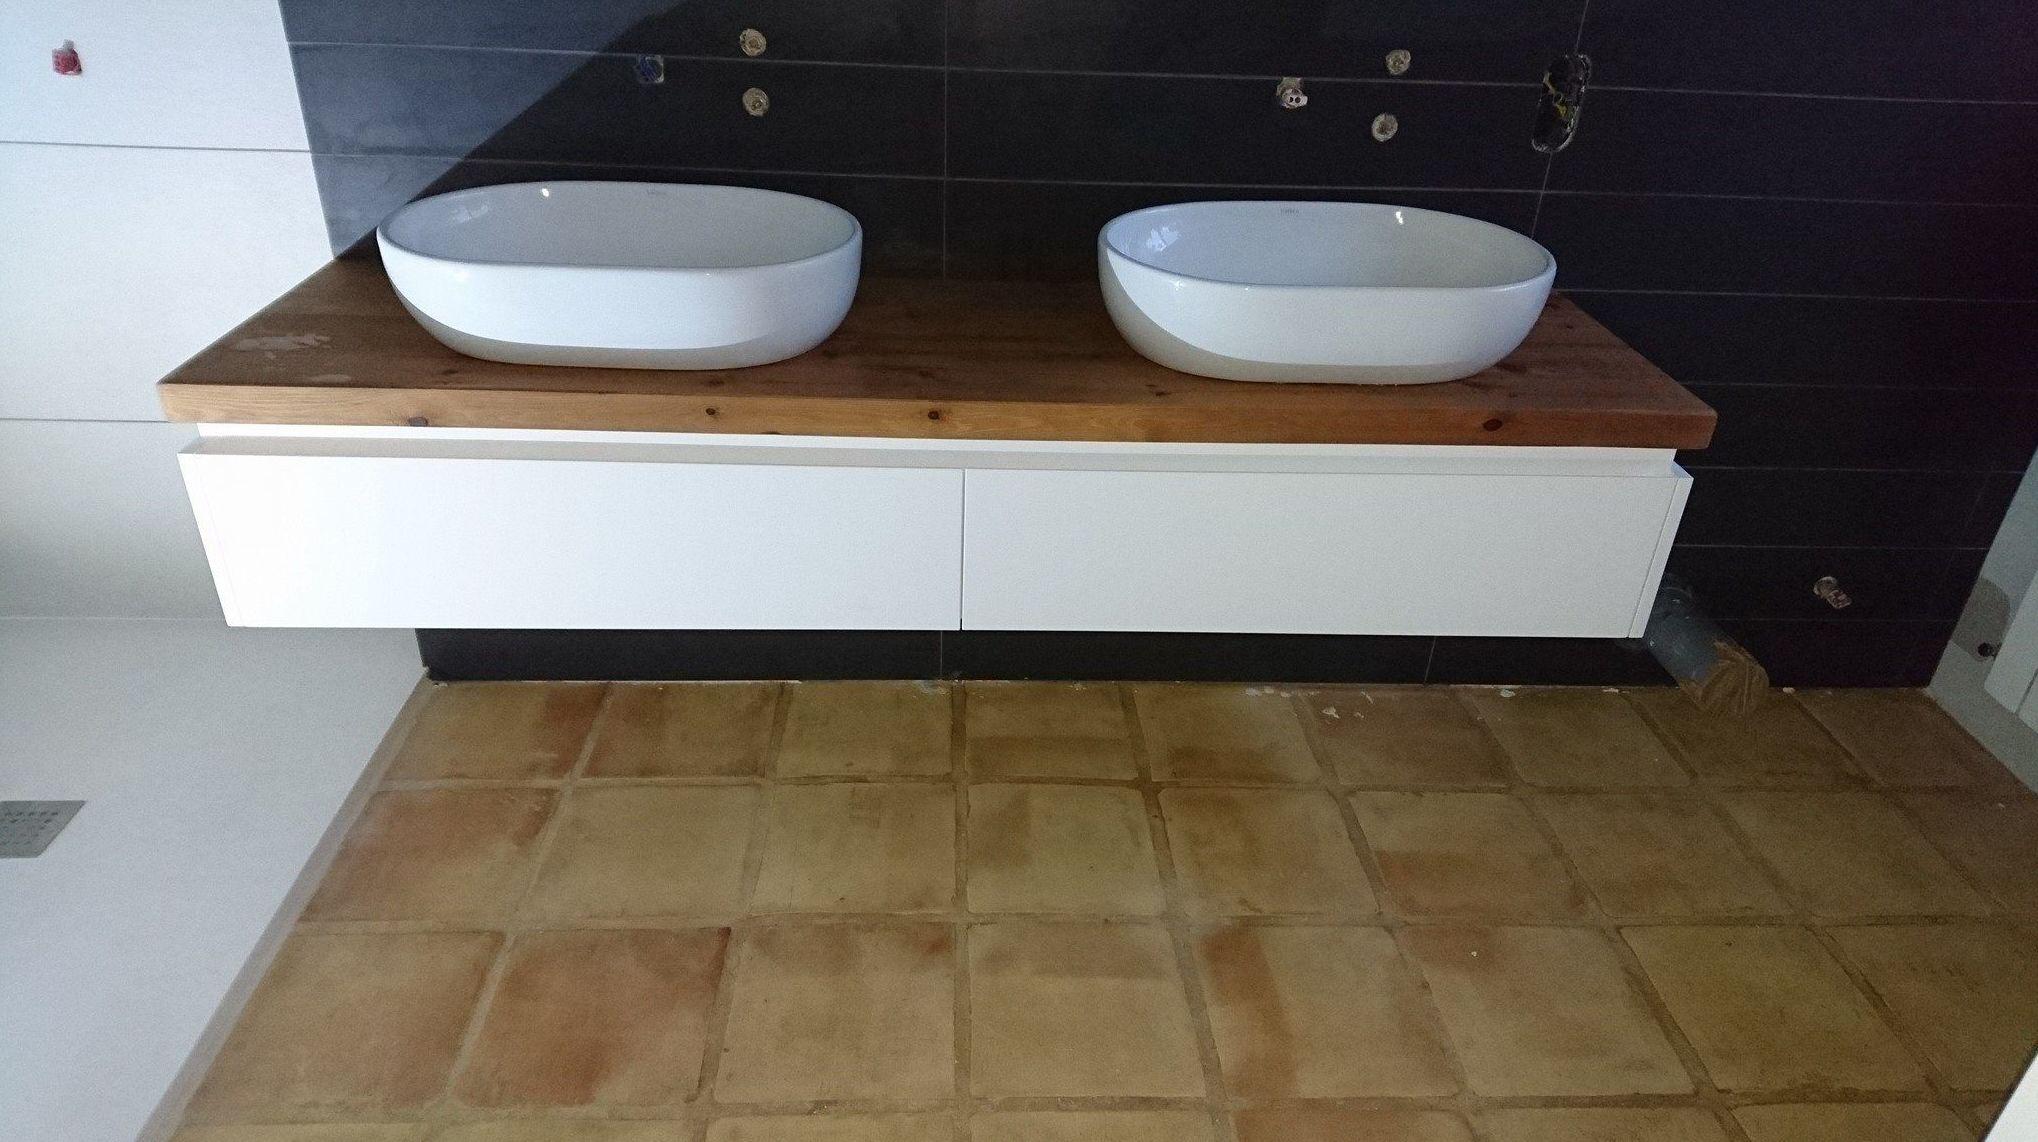 Foto 17 de Muebles de baño y cocina en Oliva | Decocin